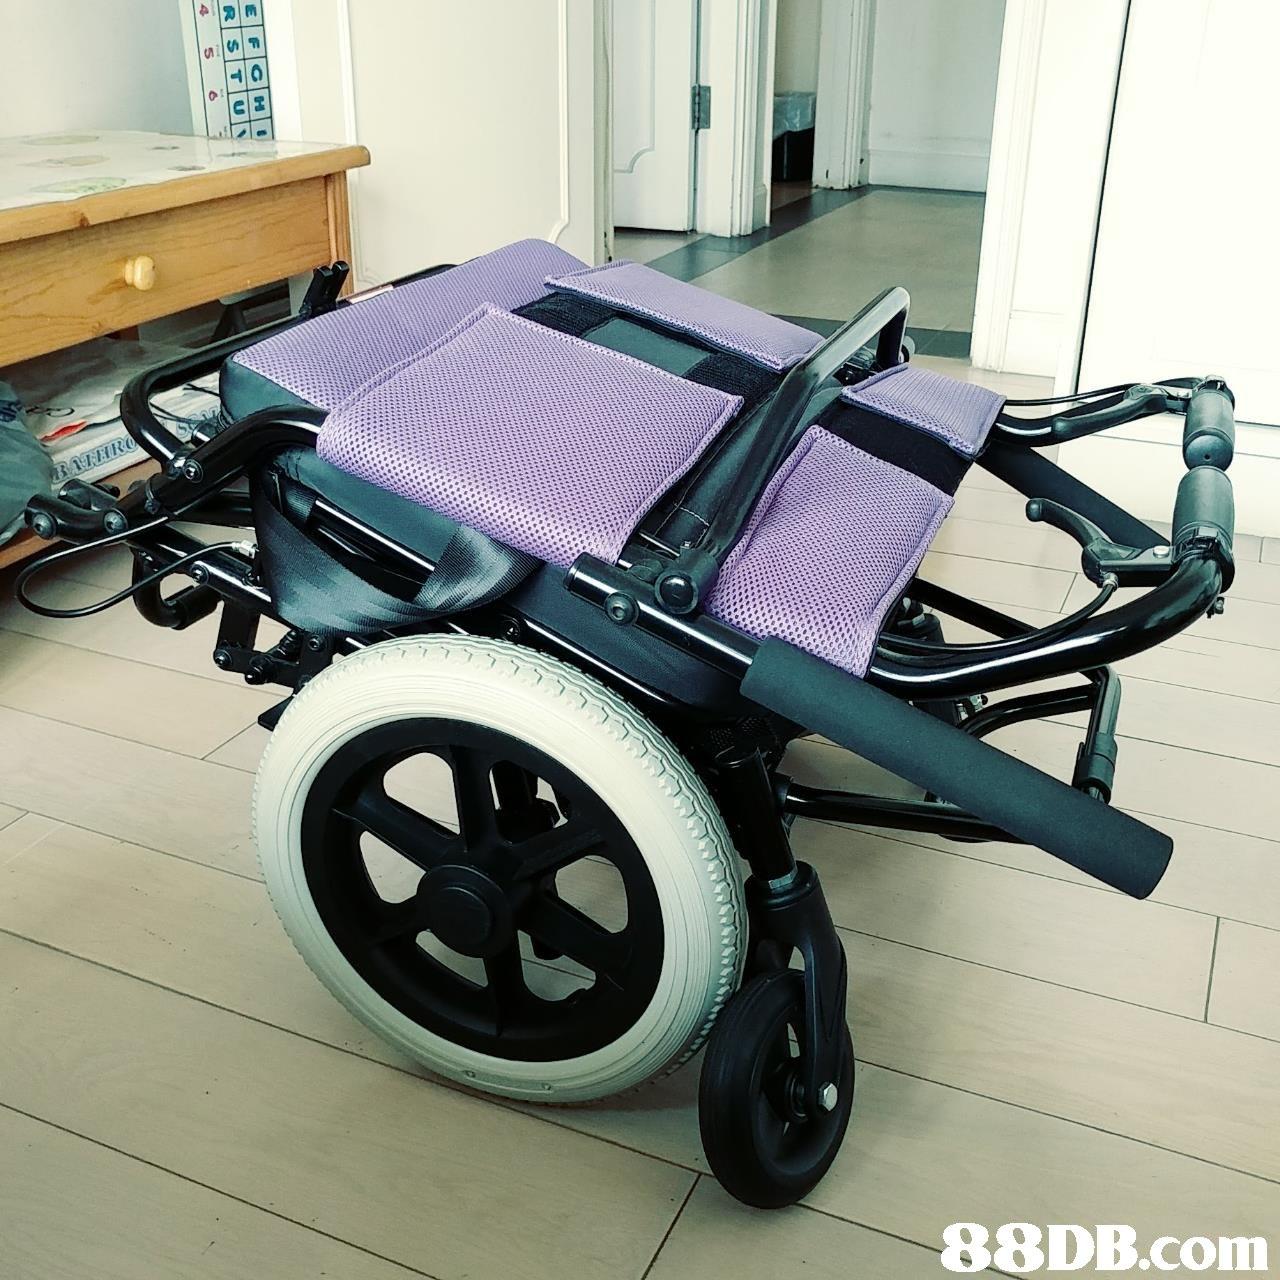 motor vehicle,product,mode of transport,vehicle,wheel